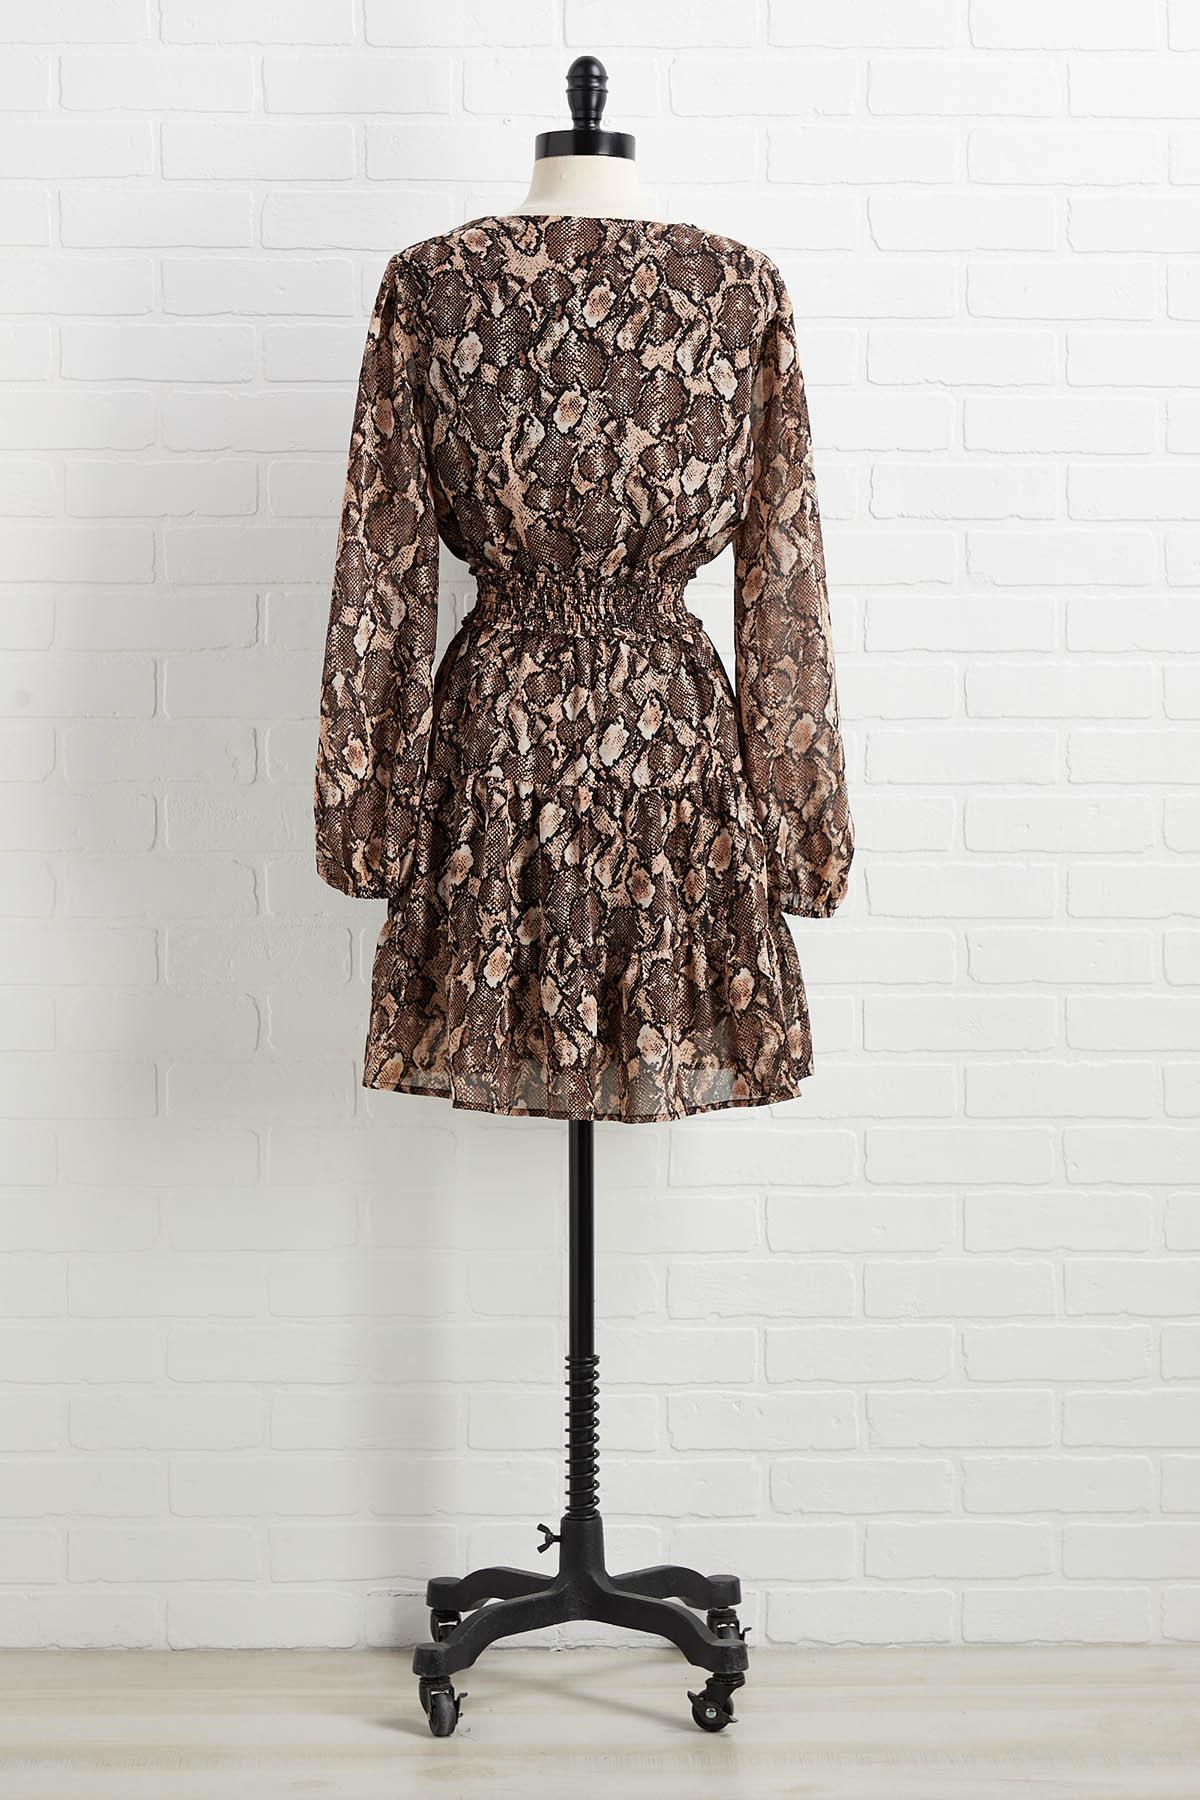 Python A Roll Dress